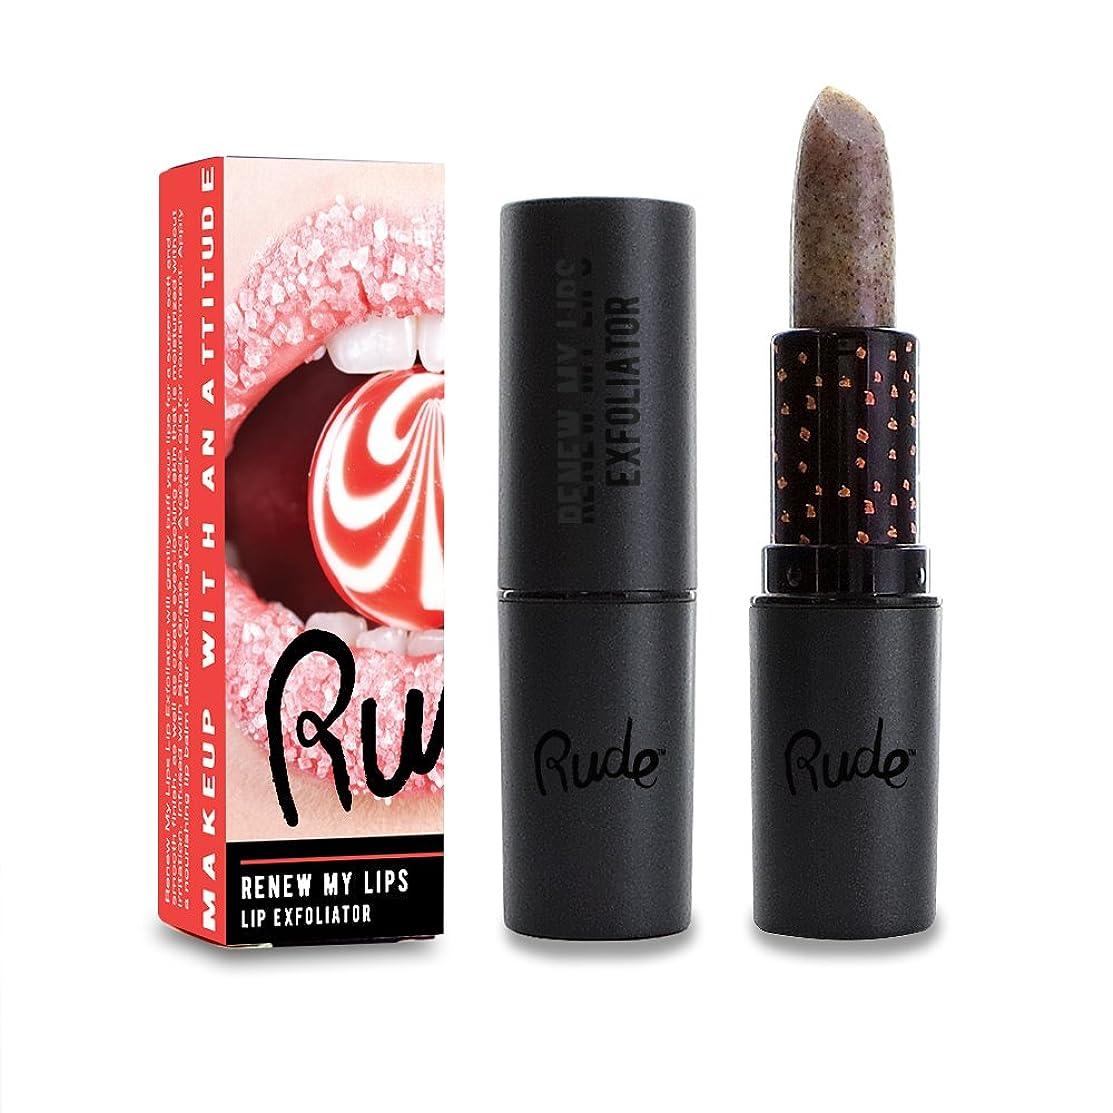 商業の論争的溶かす(3 Pack) RUDE Renew My Lips Lip Exfoliator - Vanilla (並行輸入品)